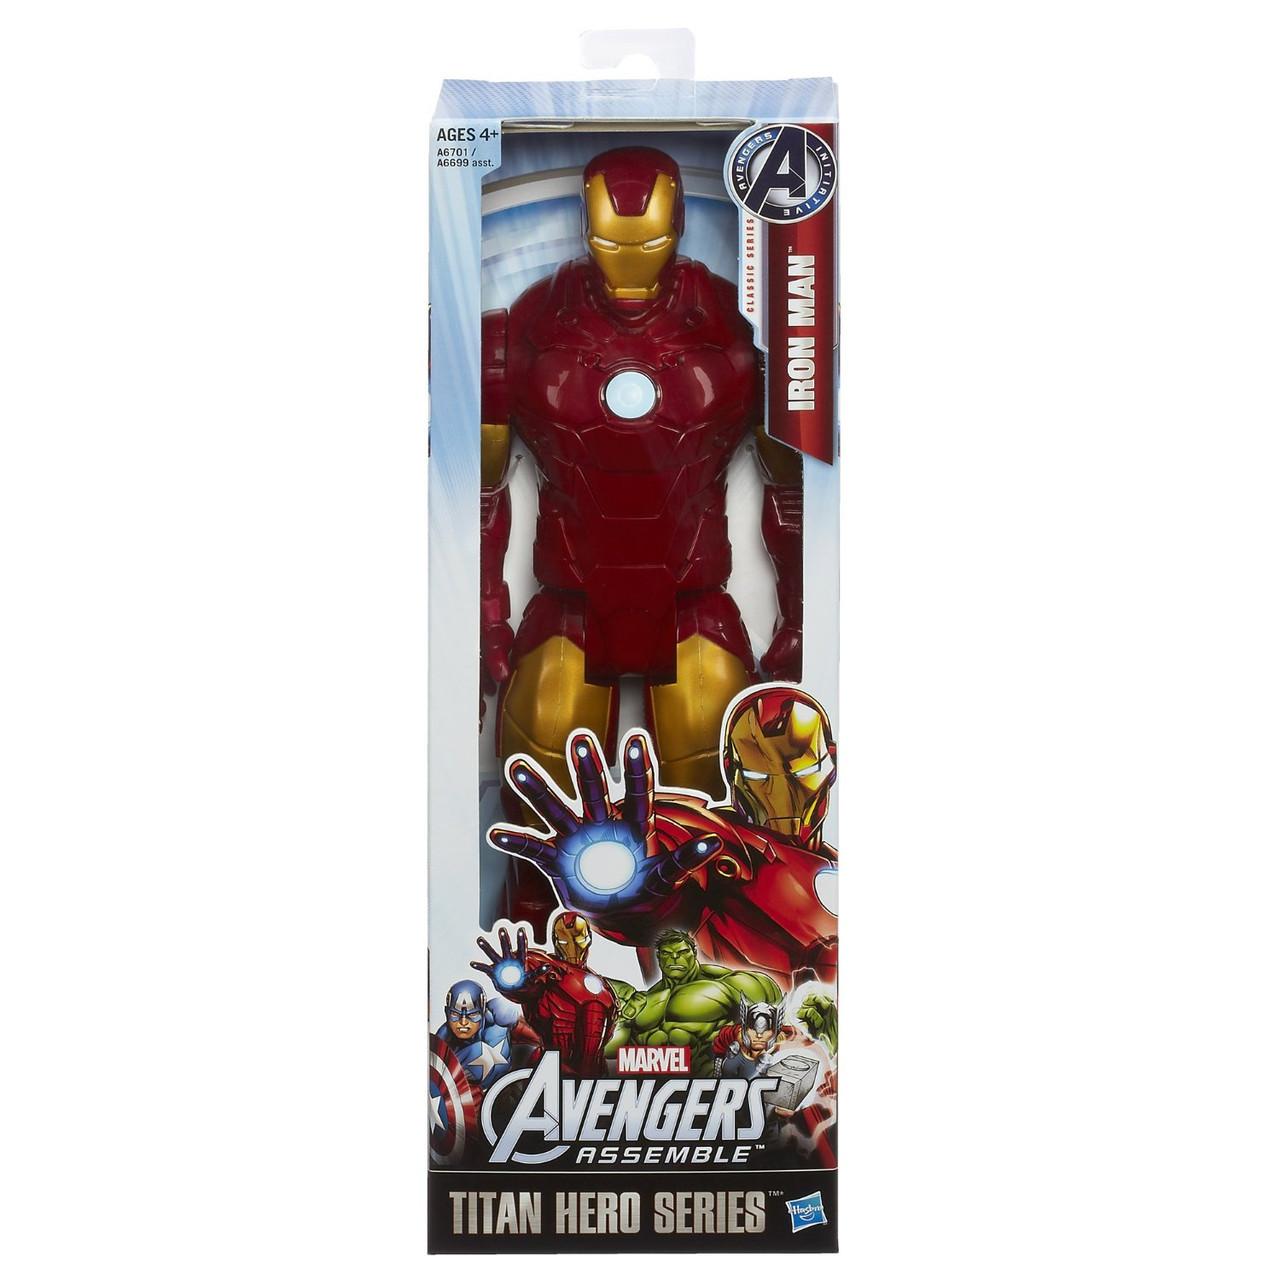 Большая игрушка Железный Человек (Мстители) 30СМ, серия Титаны - Iron Man, Avengers, Titans, Hasbro